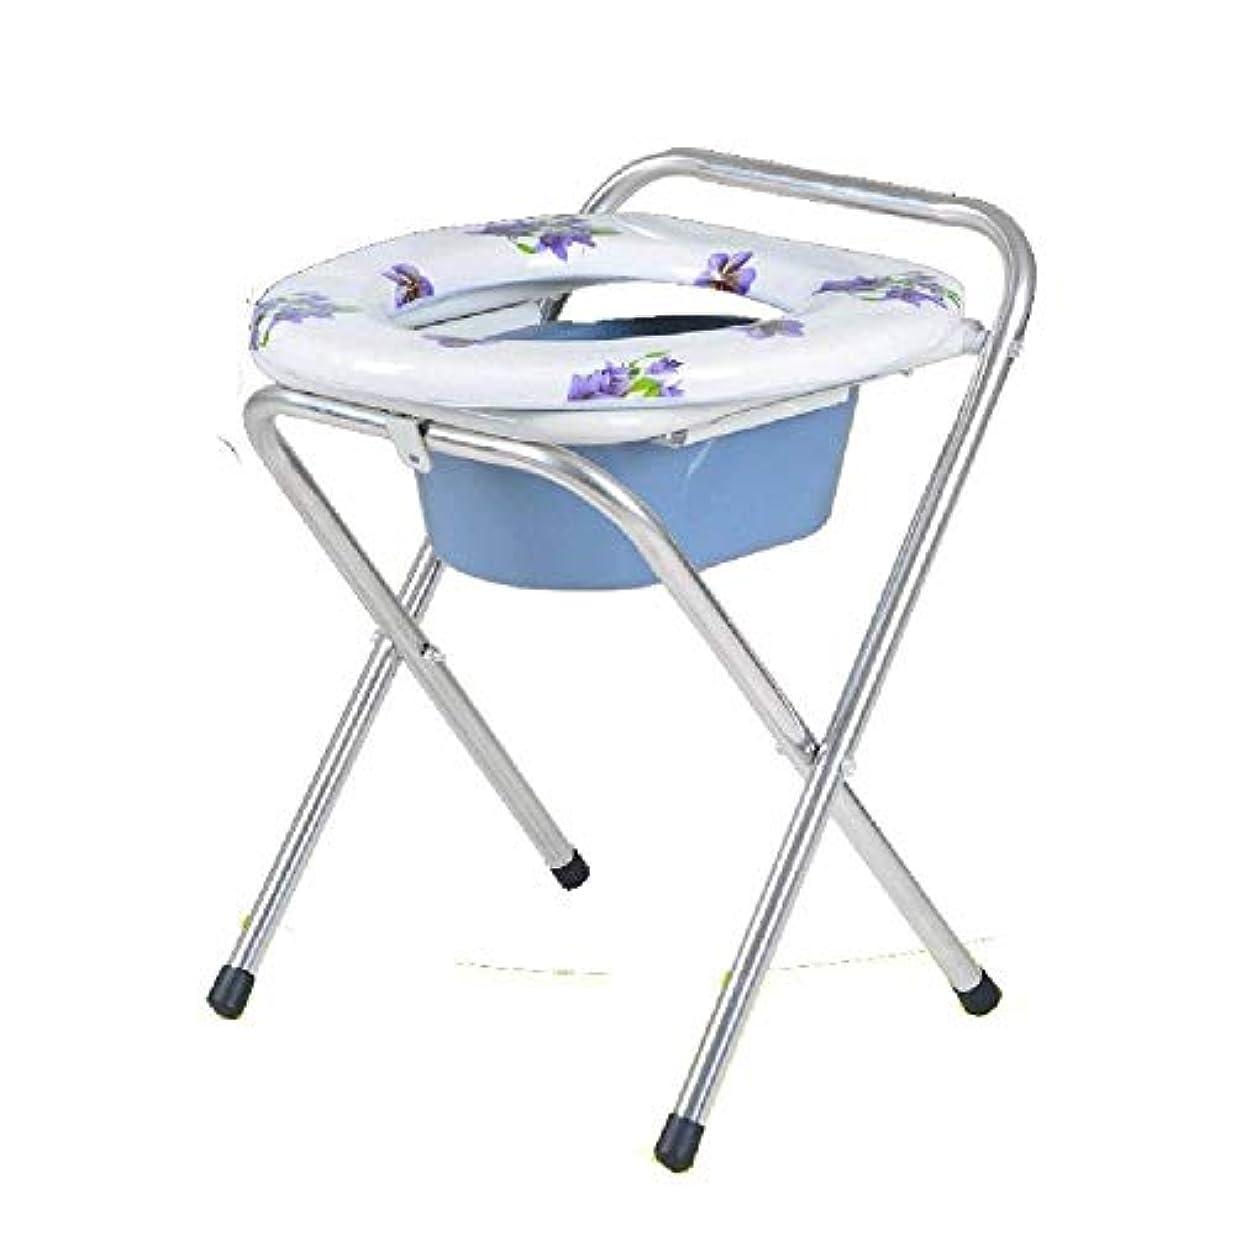 永続寛容構成する折りたたみ式便器椅子、高齢者妊娠便座用ステンレス便座